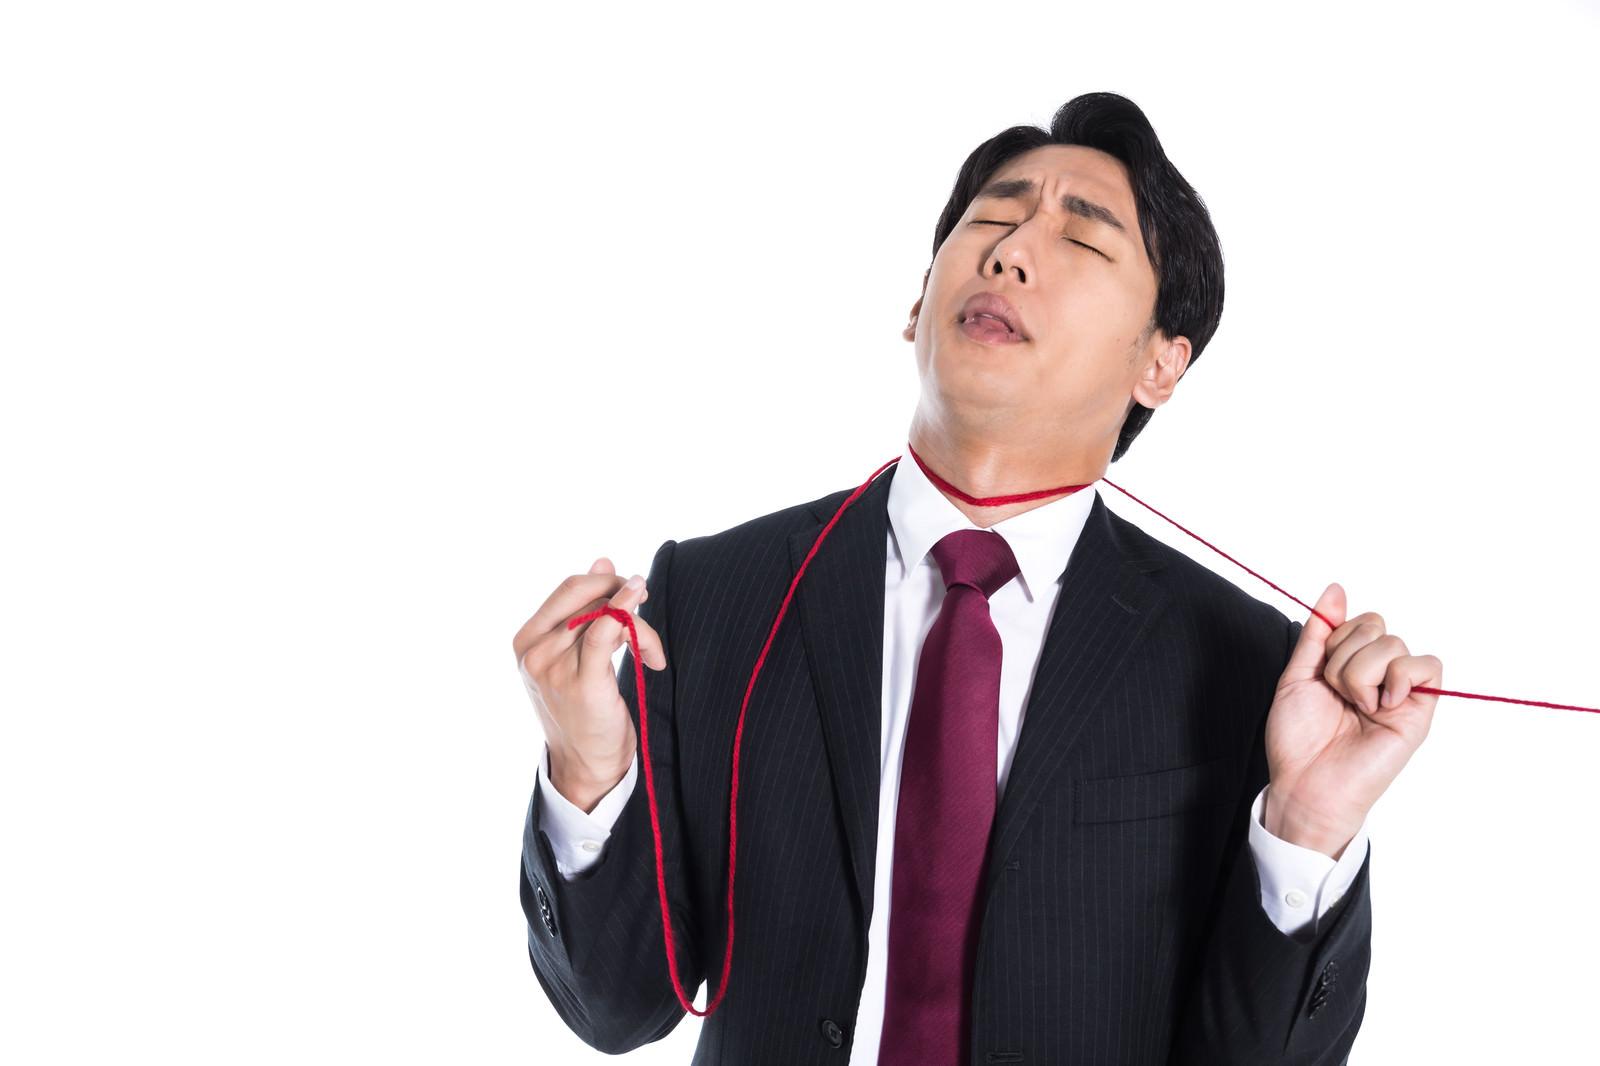 「運命の赤い糸が首に巻き付き苦しむ男性」の写真[モデル:大川竜弥]